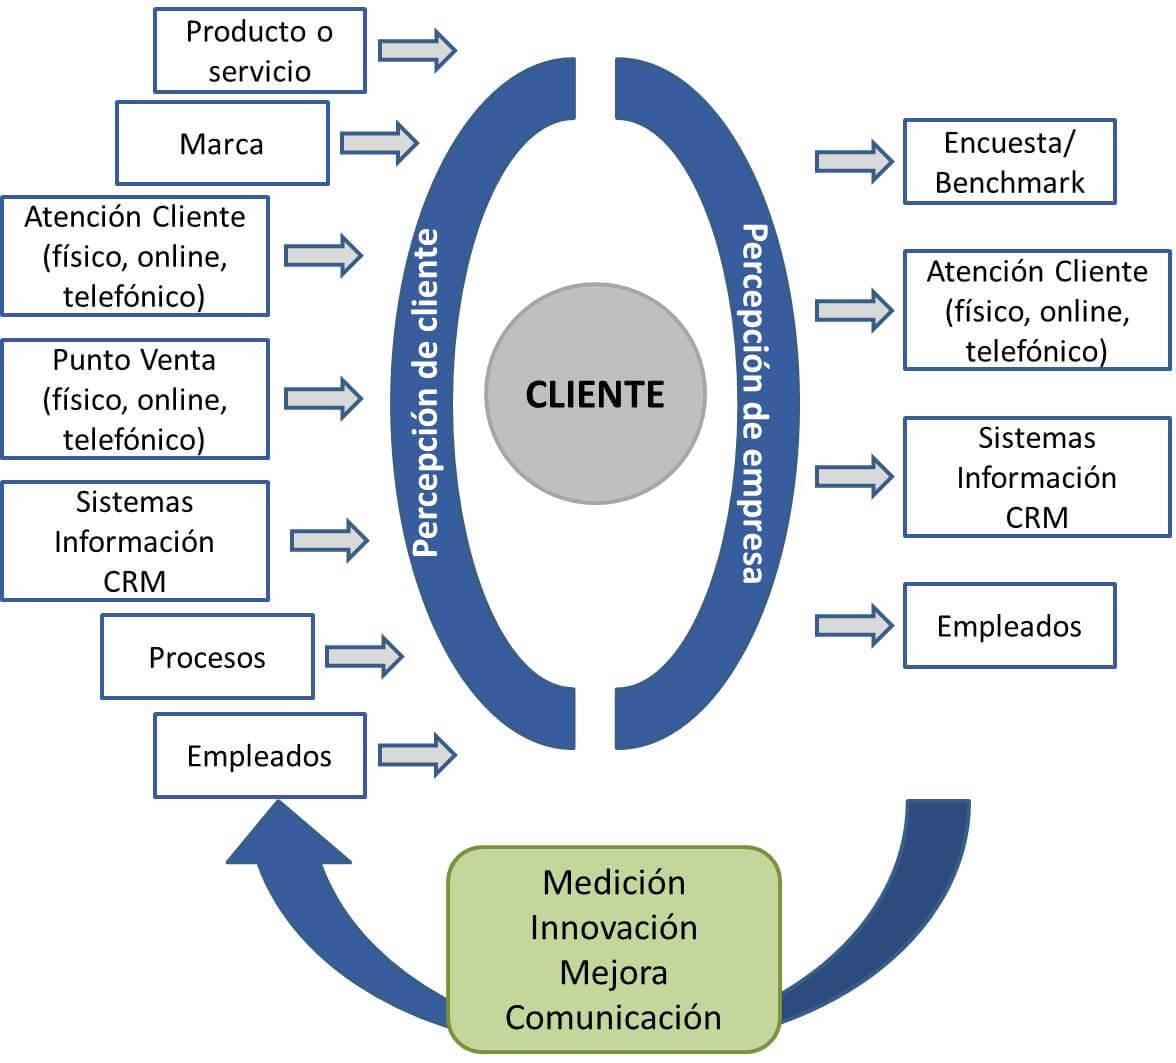 Consejos para mejorar la experiencia del cliente.